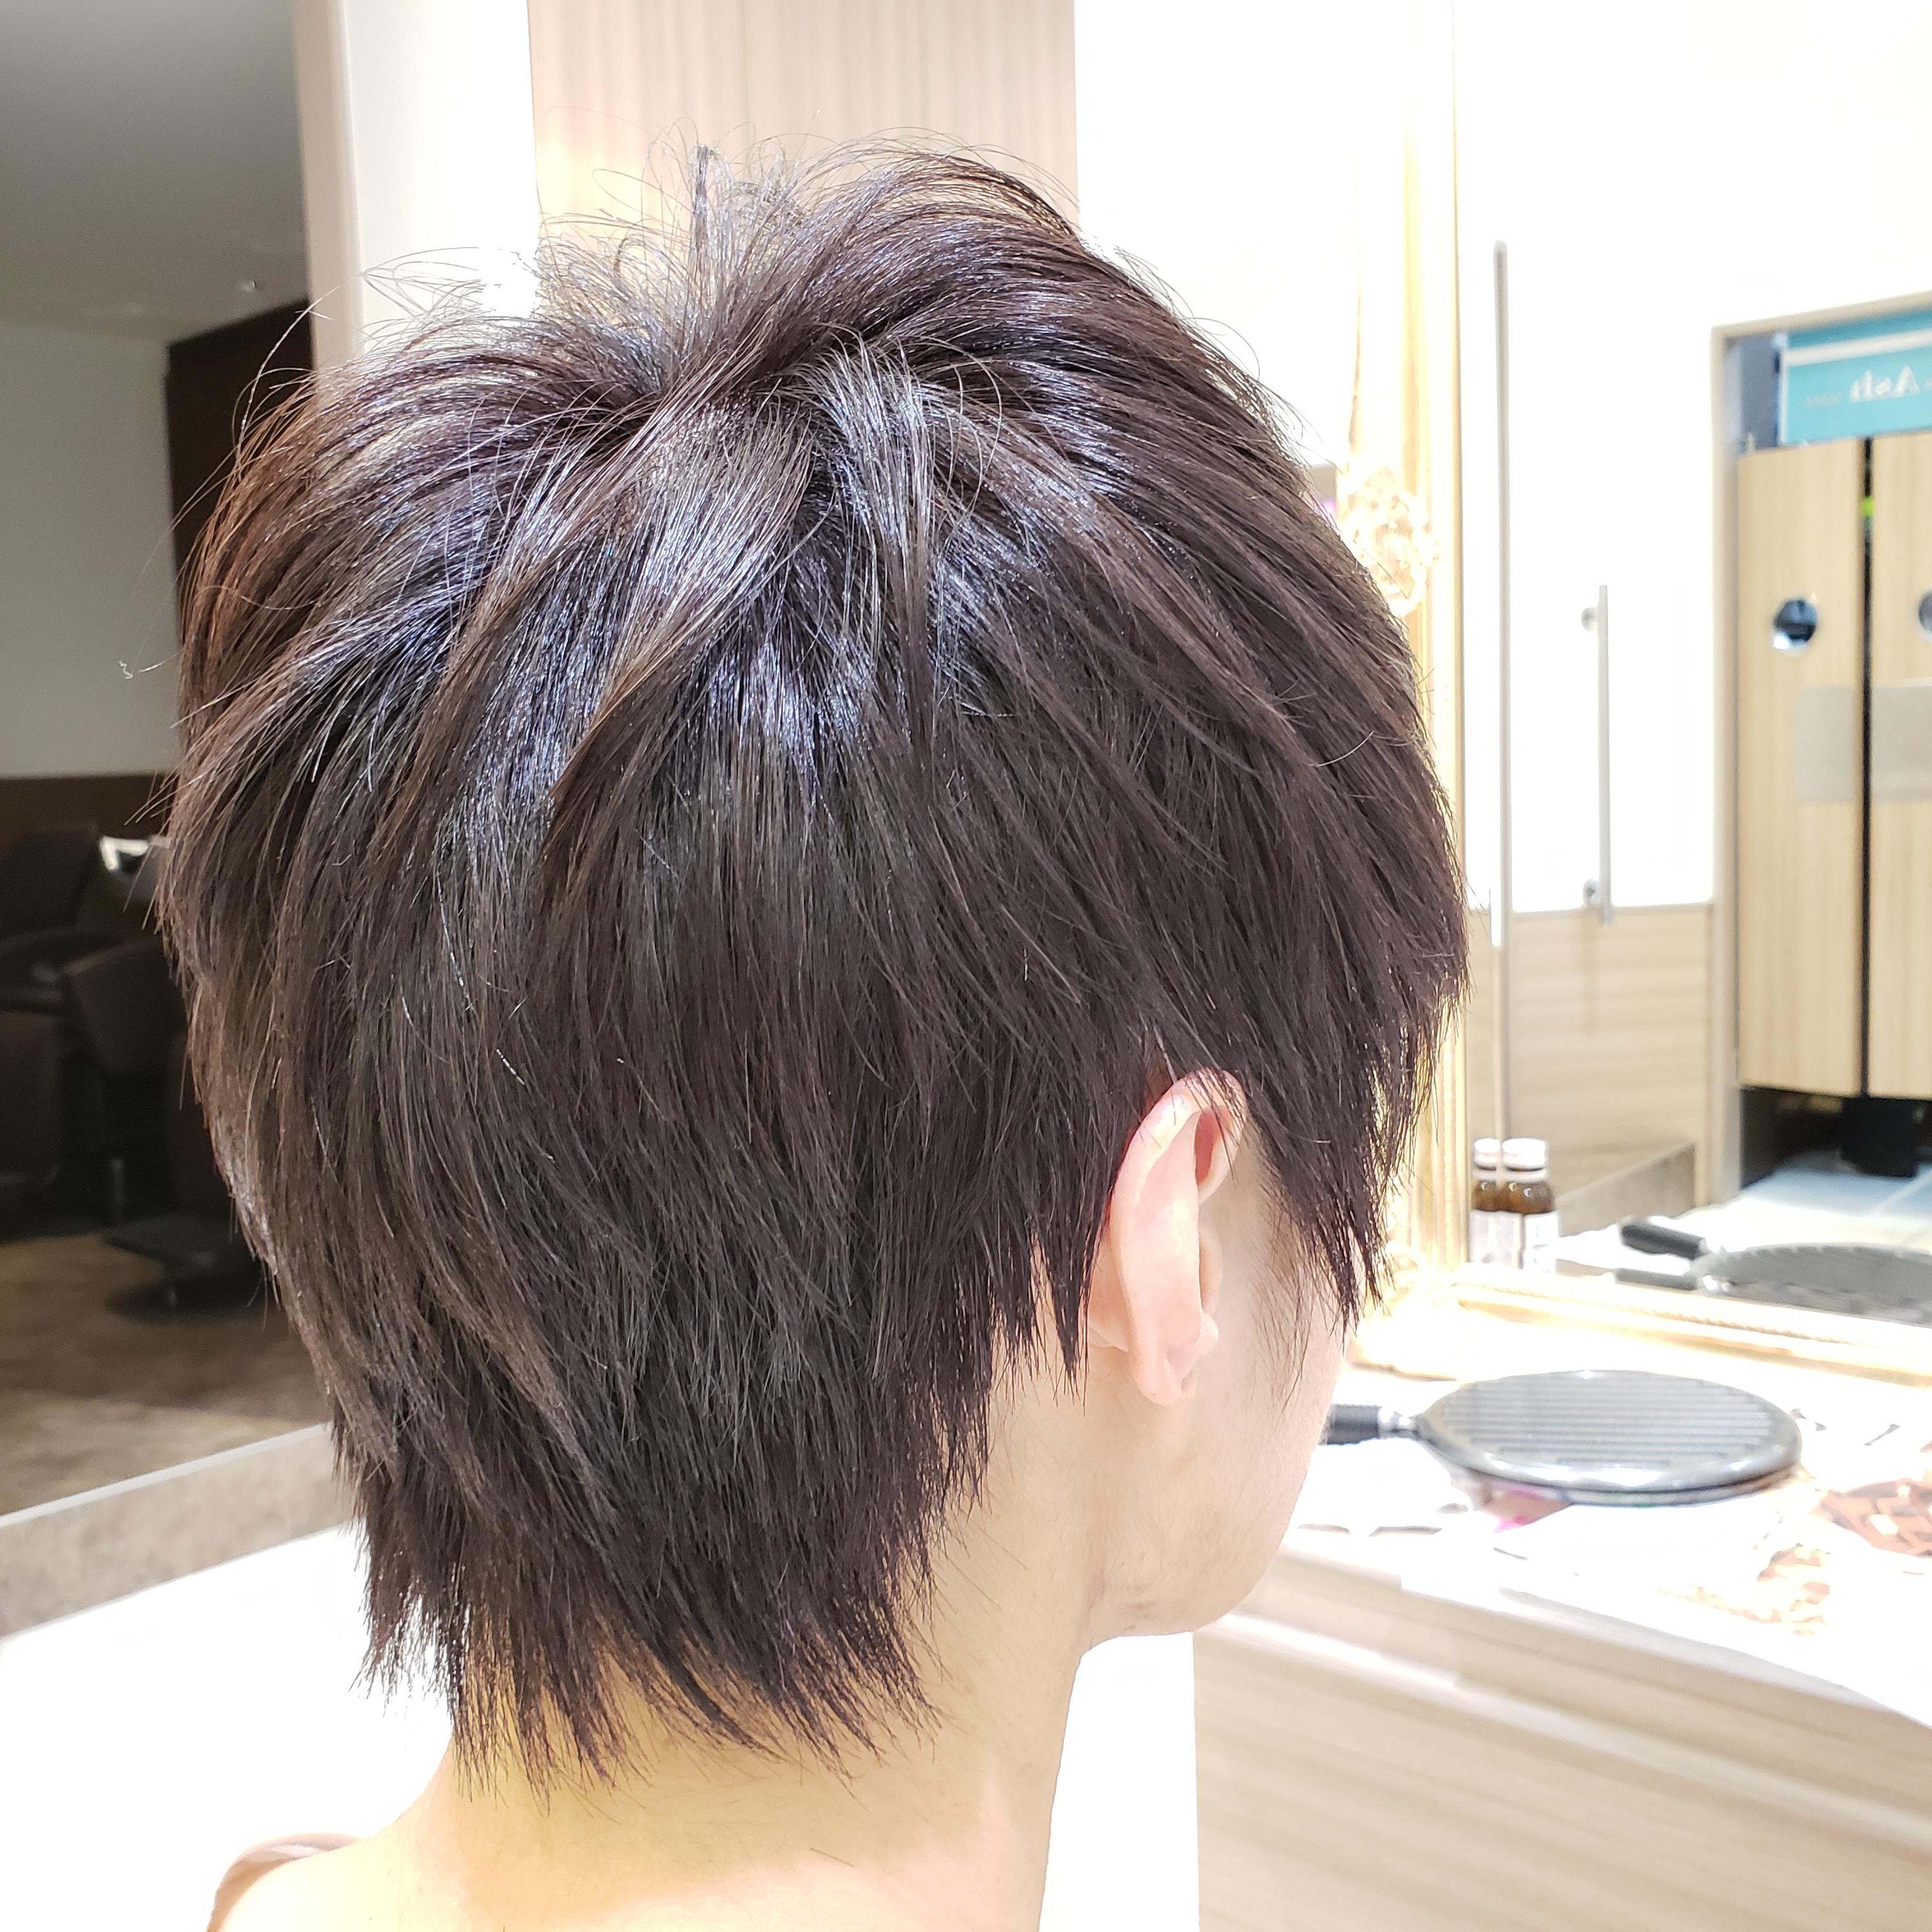 【30代女性の髪型】黒髪ベリーショートがオススメで扱いやすい理由は?